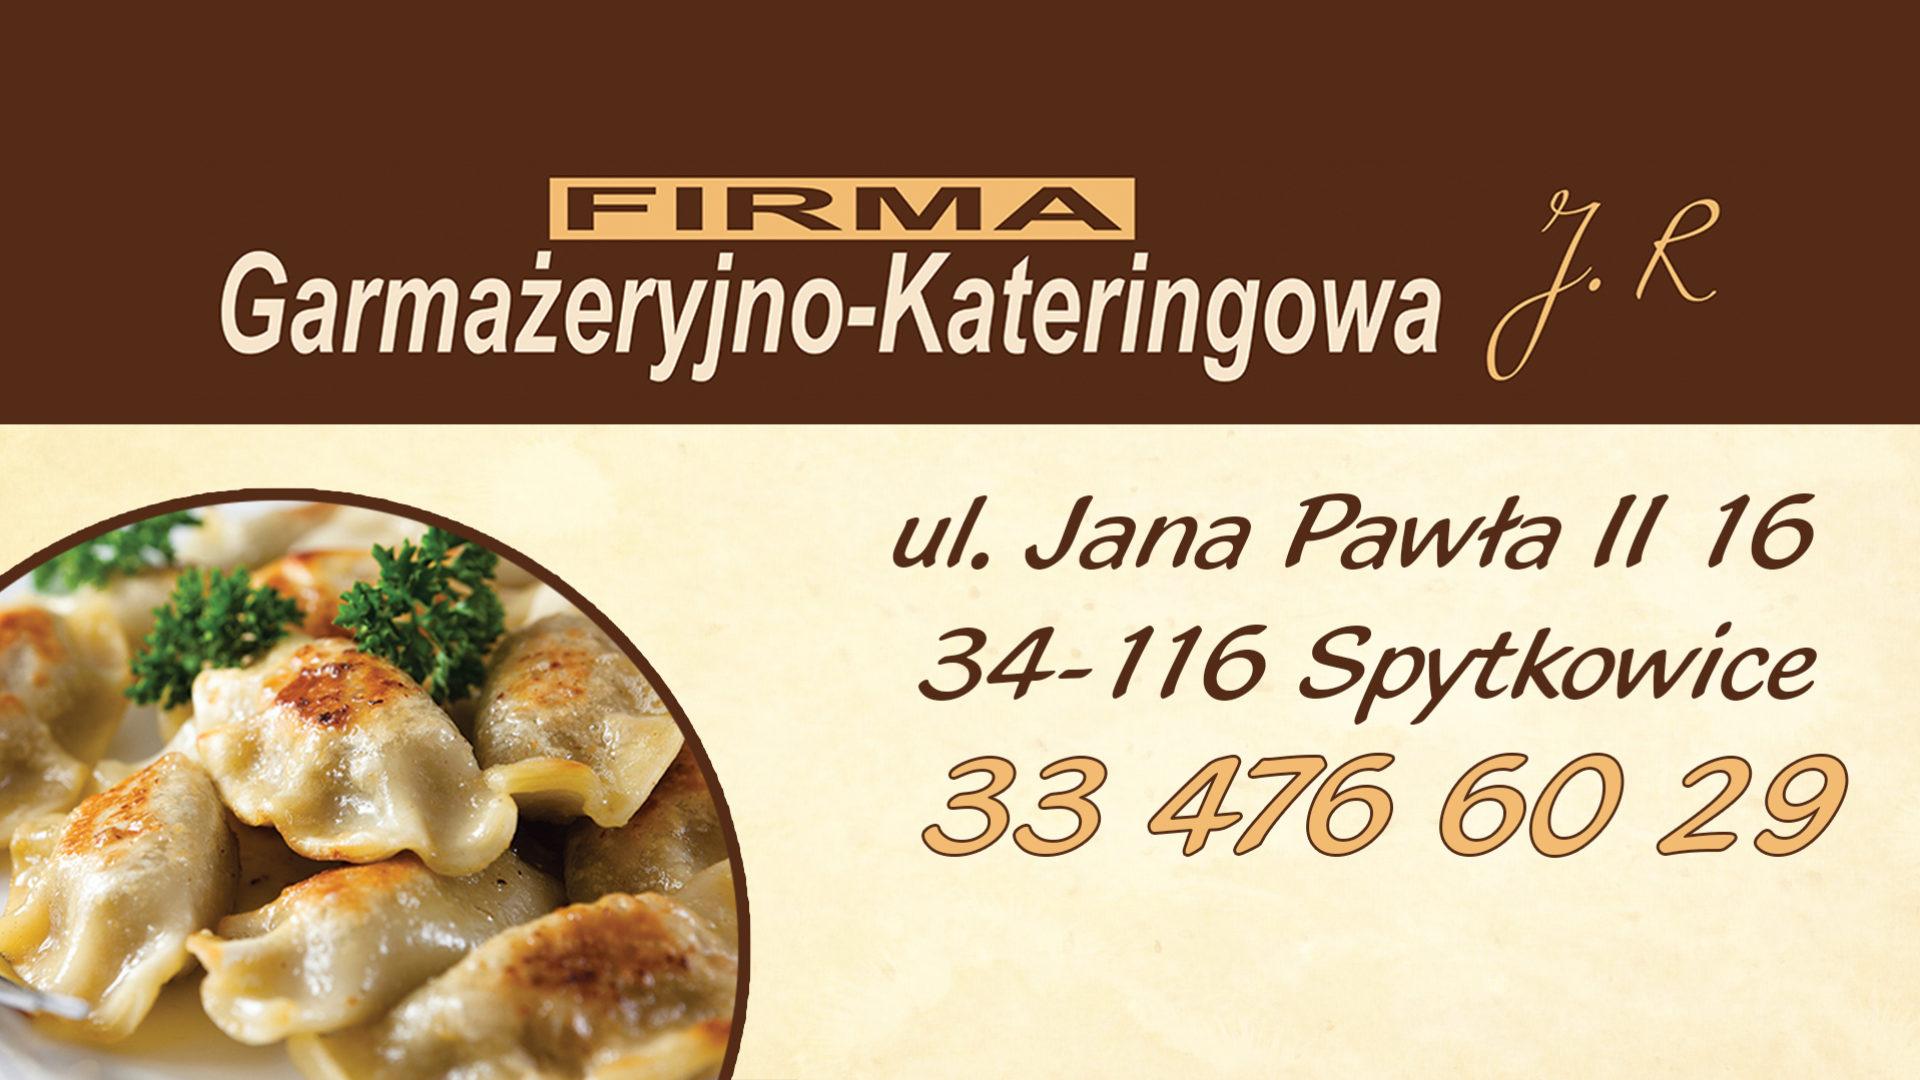 Firma Garmażeryjno-Kateringowa  J. R. - Spytkowice